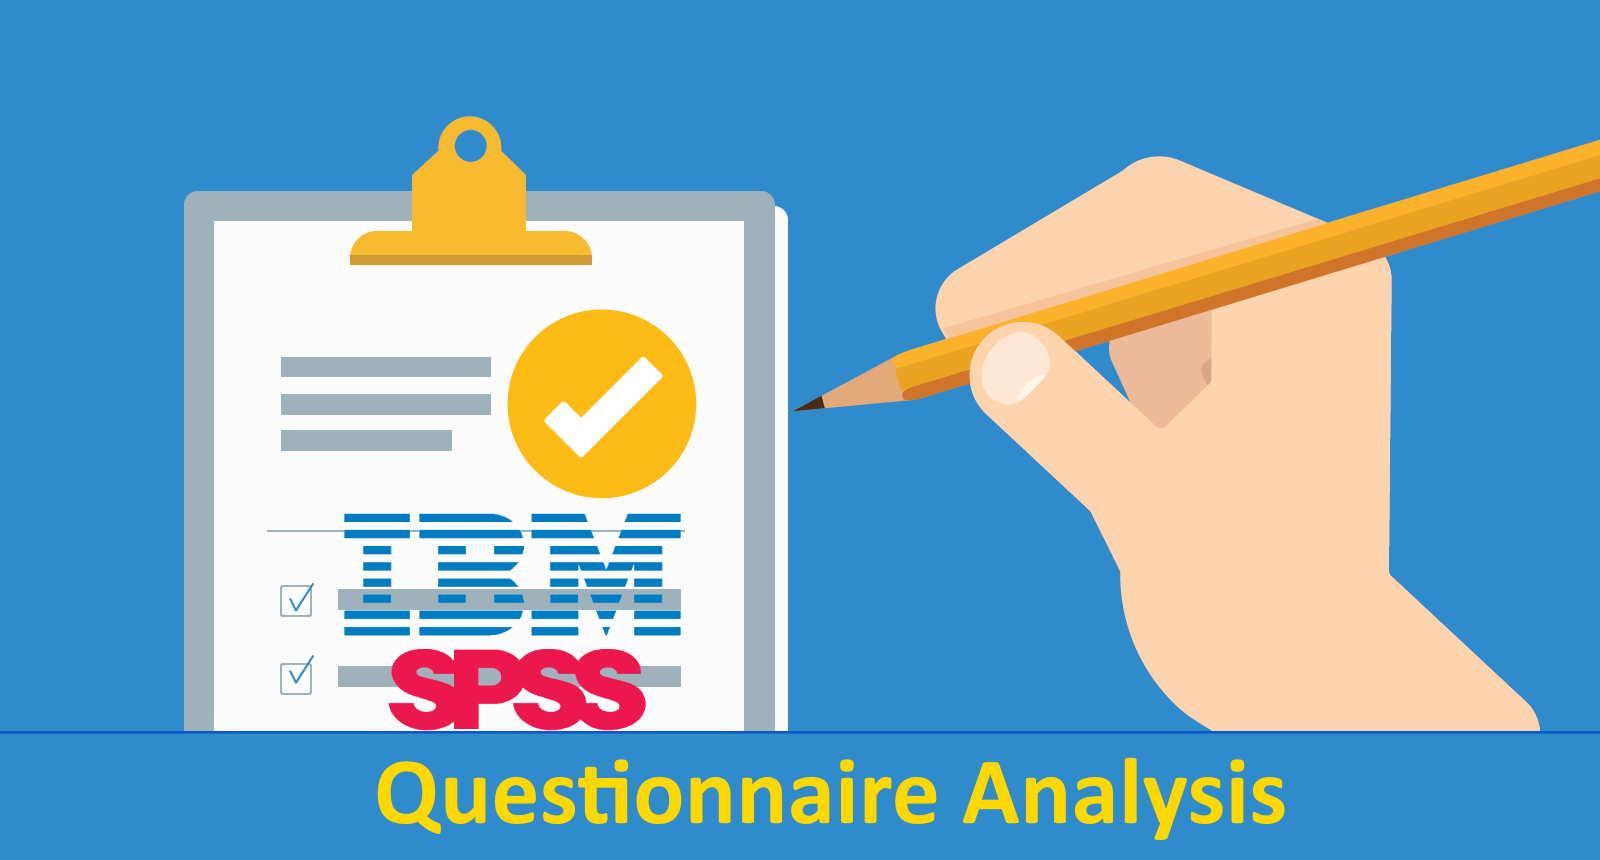 تحلیل پرسشنامه با SPSS — راهنمای کاربردی